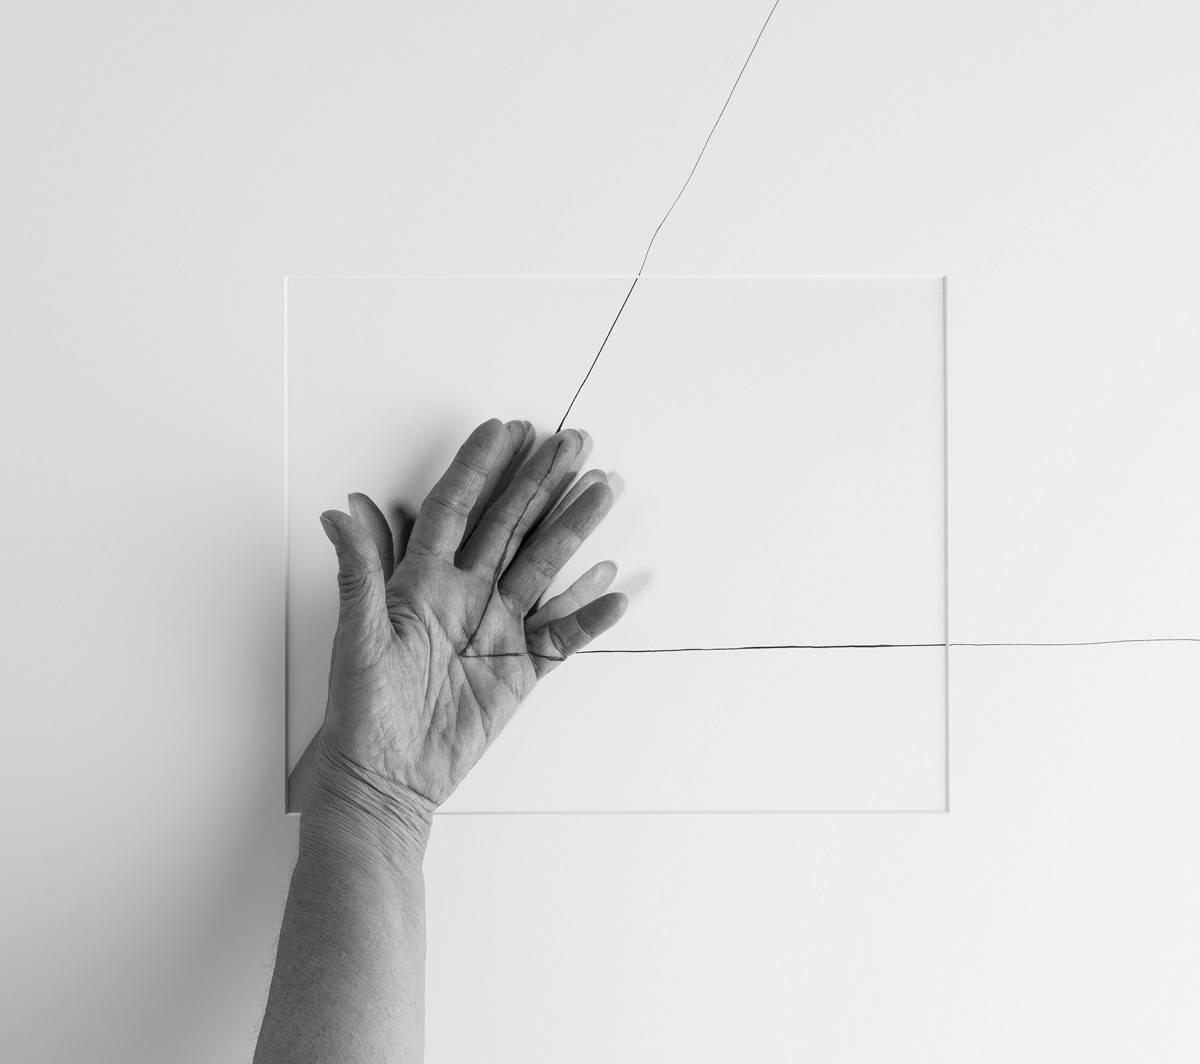 Obra ampliada: Cuarenta años IV (mano sobre triángulo, en mano izquierda, 1973)  - Liliana Porter